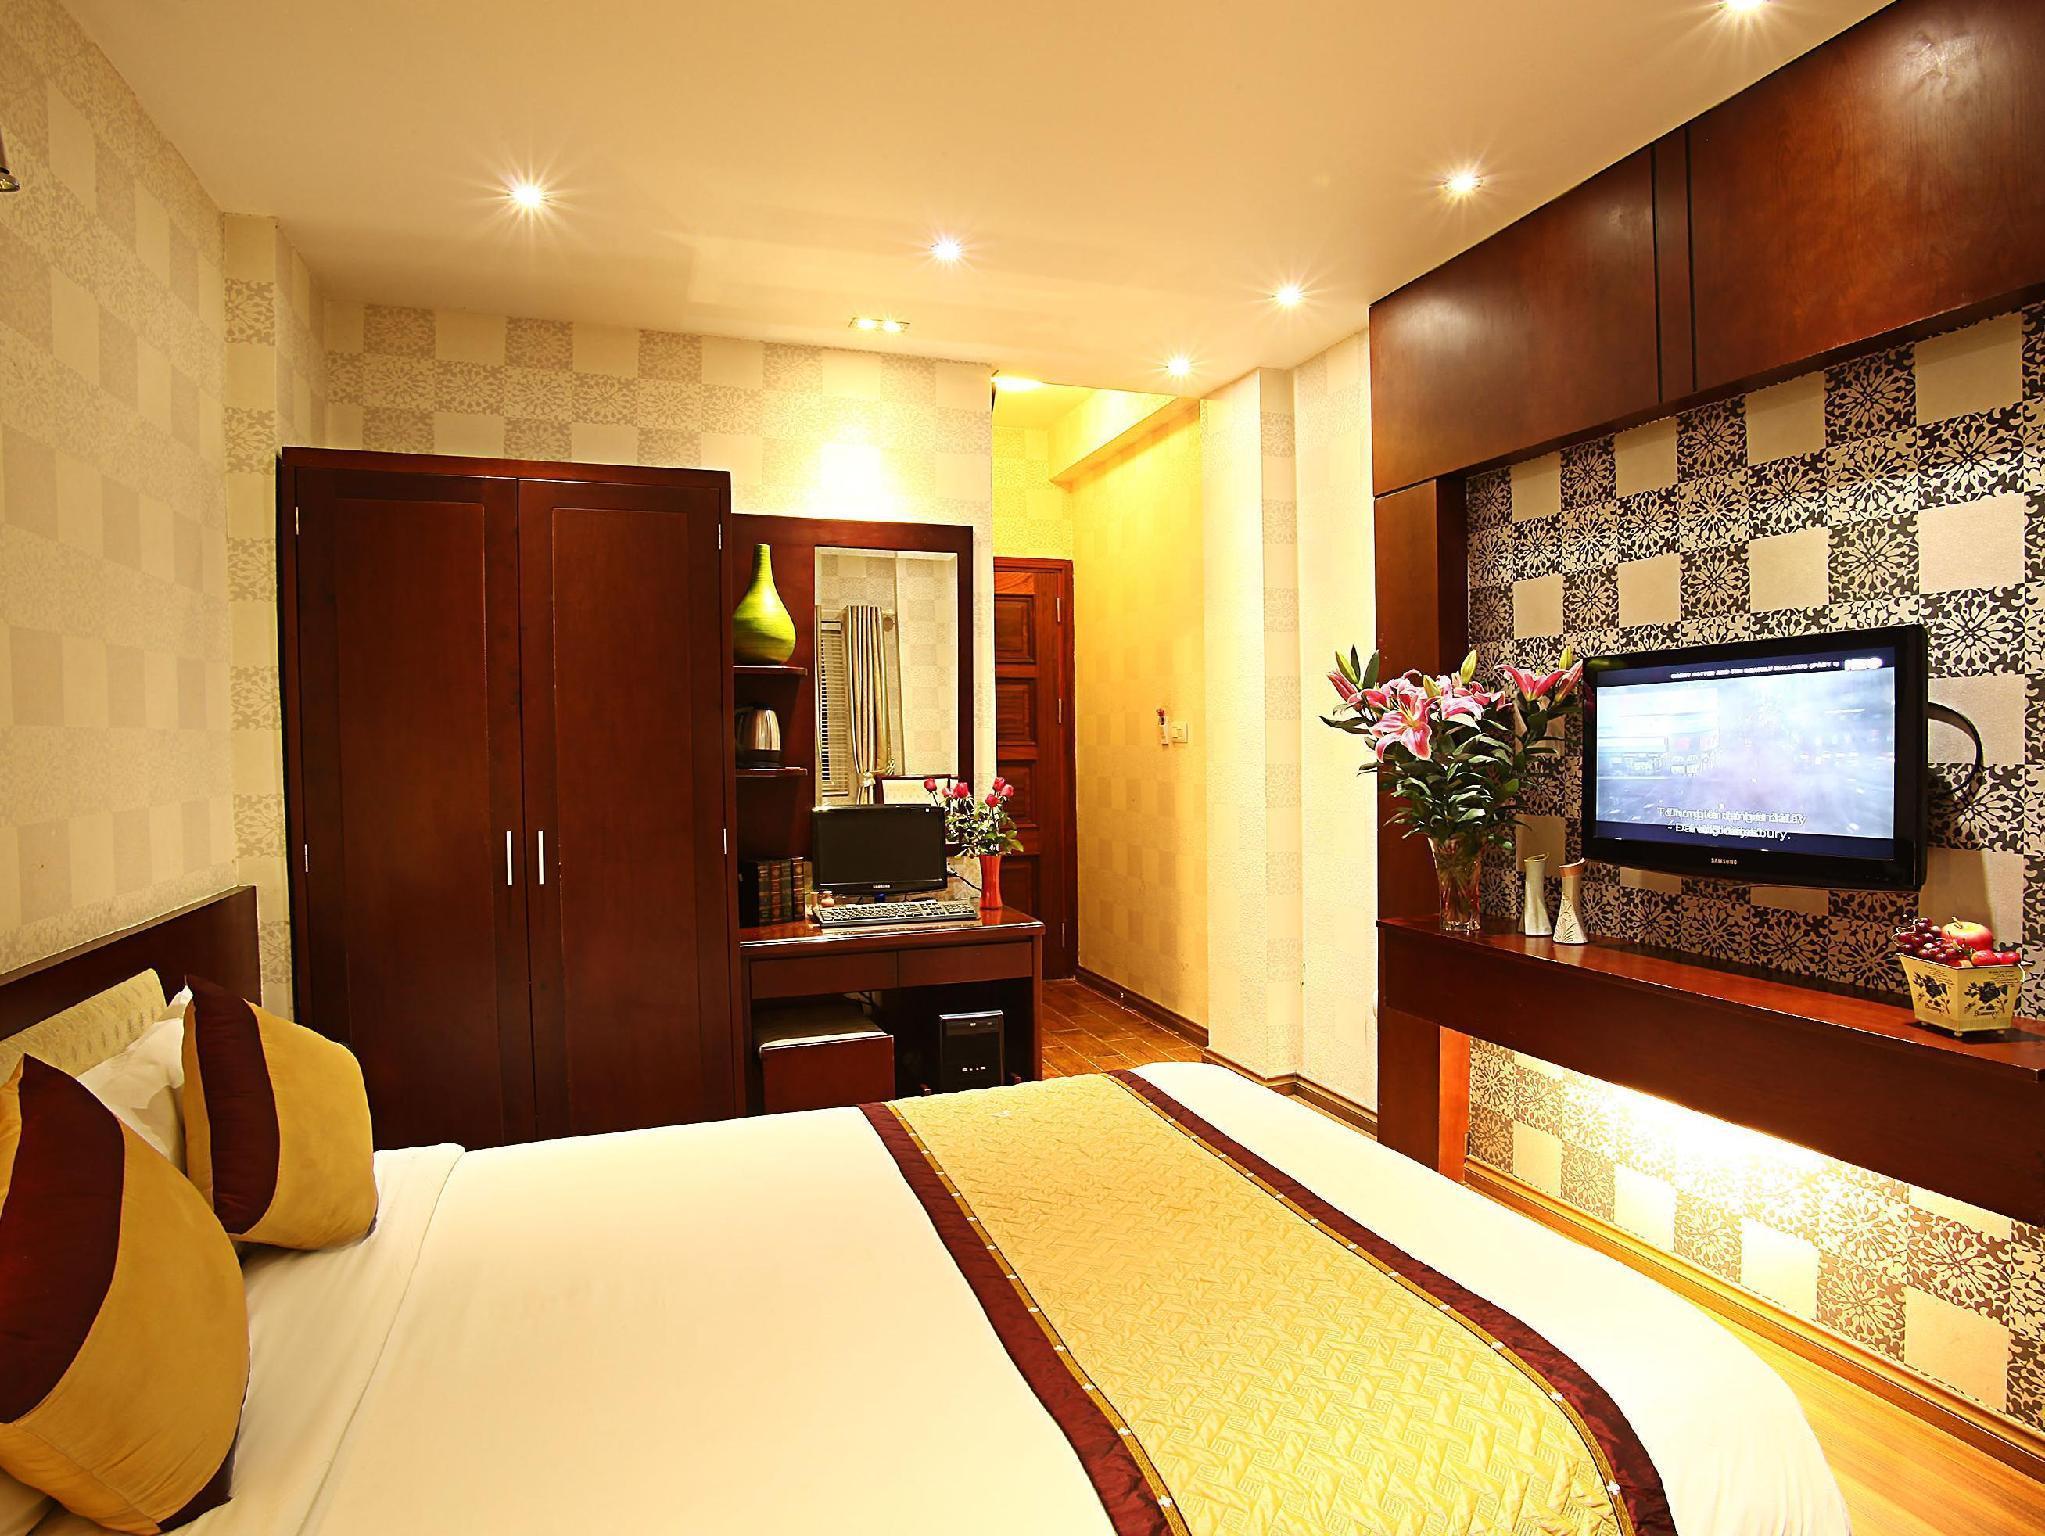 Hanoi View 2 Hotel – Ngo Si Lien, Đống Đa